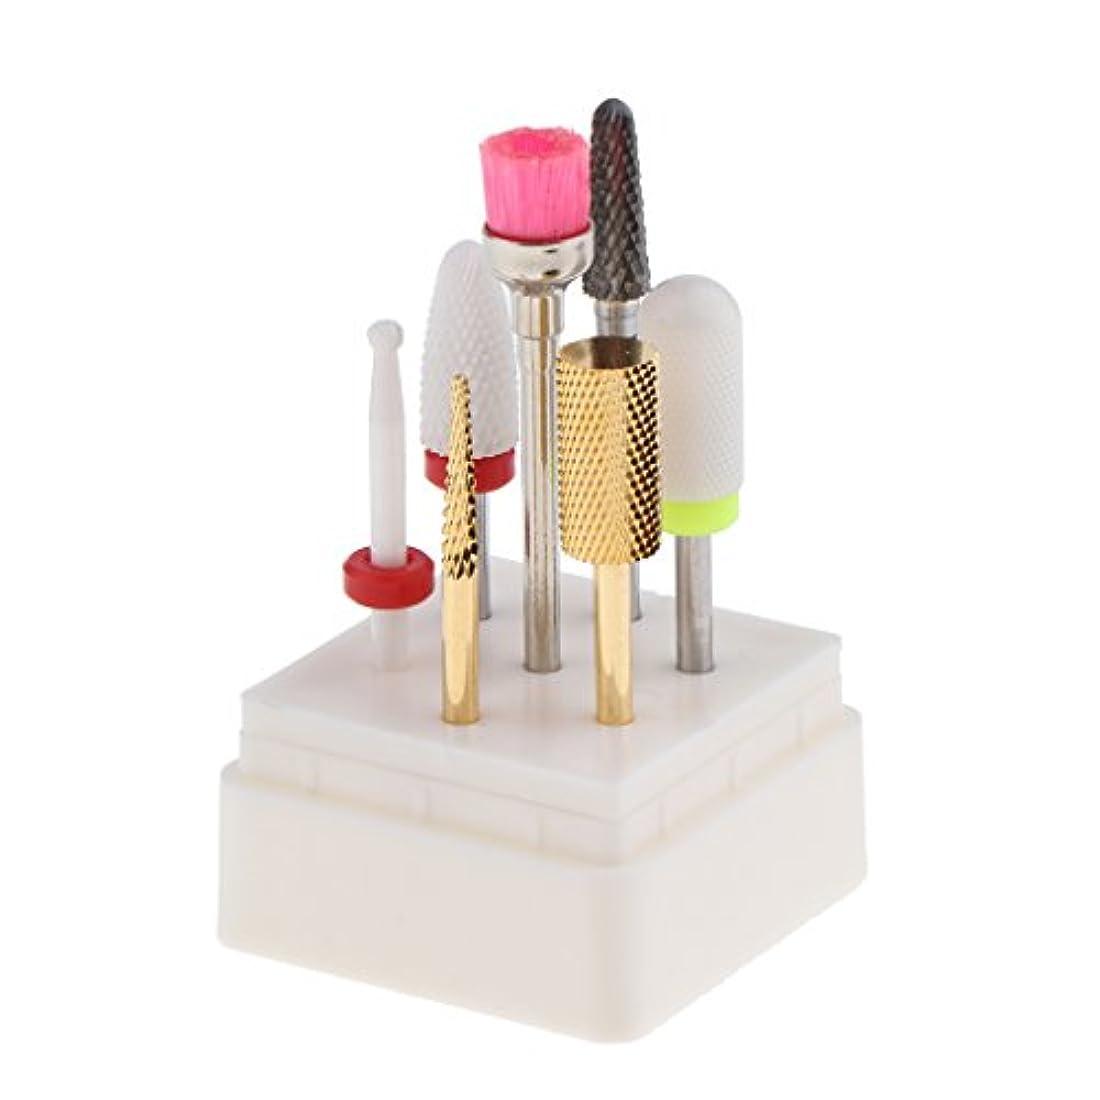 材料ピジン時刻表Baosity ネイルアート ドリルビットセット 7点セット セラミック 研磨ヘッド ドリル プロ サロン